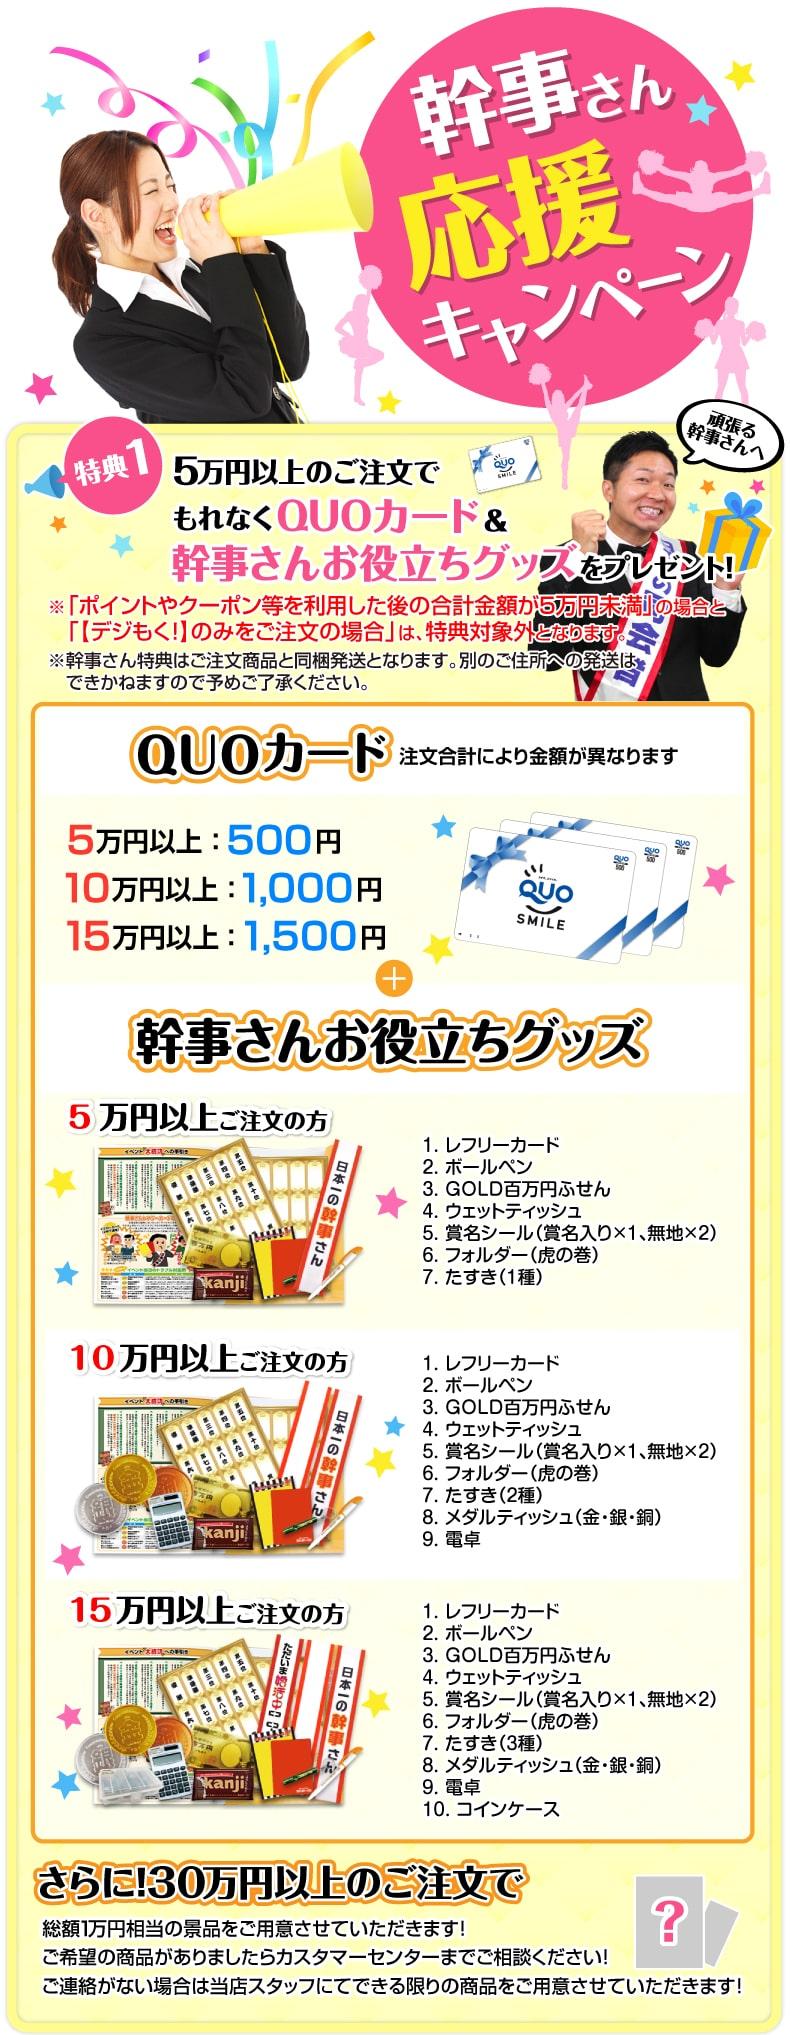 幹事さん応援キャンペーン!特典1 3万円以上のご注文でもれなくQUOカード&幹事さんお役立ちグッズ(幹事さん虎の巻、ボールペンなど)をプレゼント!